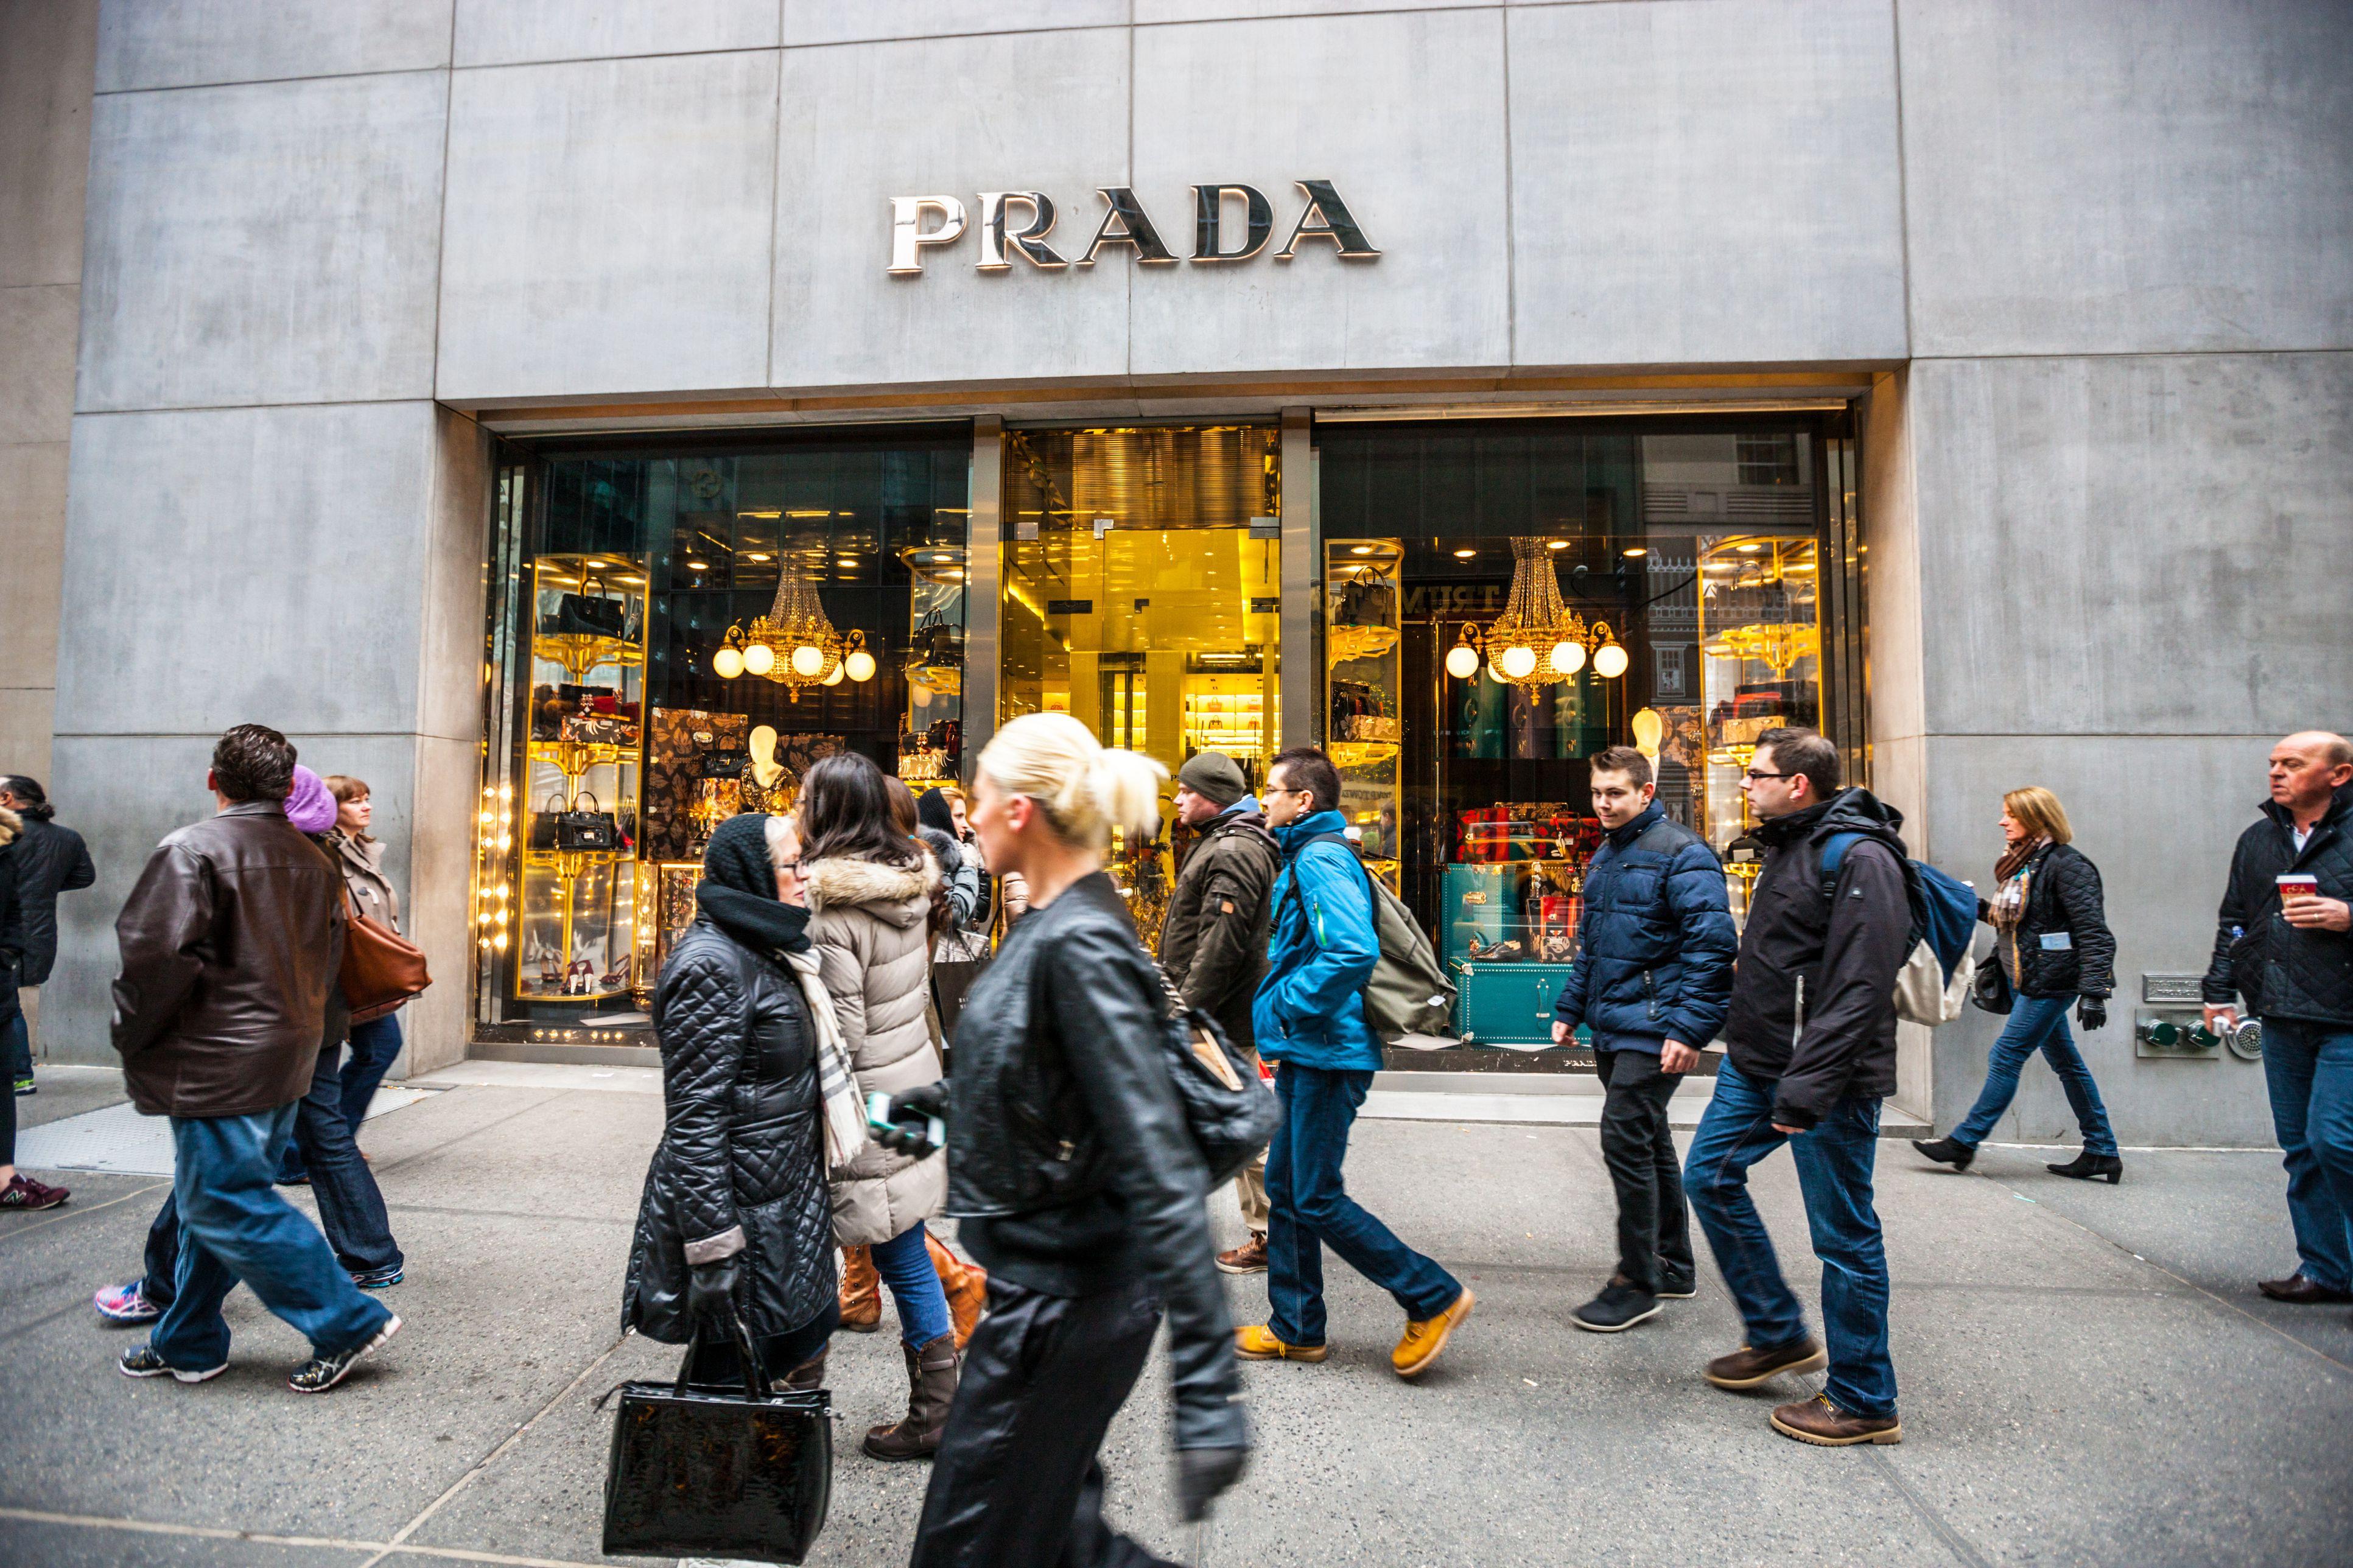 Prada store en 5th Avenue y multitudes de personas, NYC